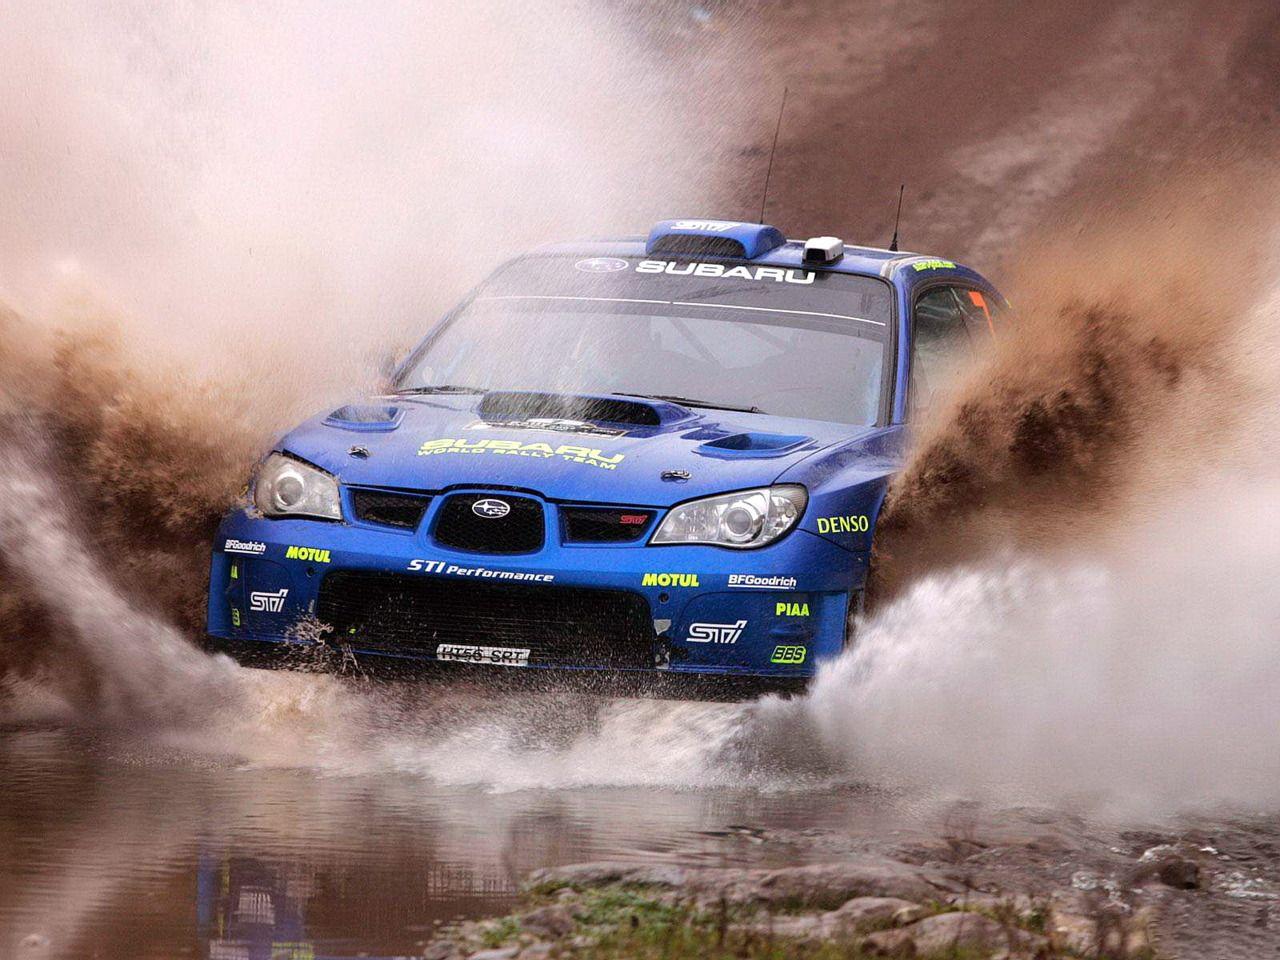 Wrc Impreza Sti Subaru Impreza Wrc Rally Car Subaru Impreza